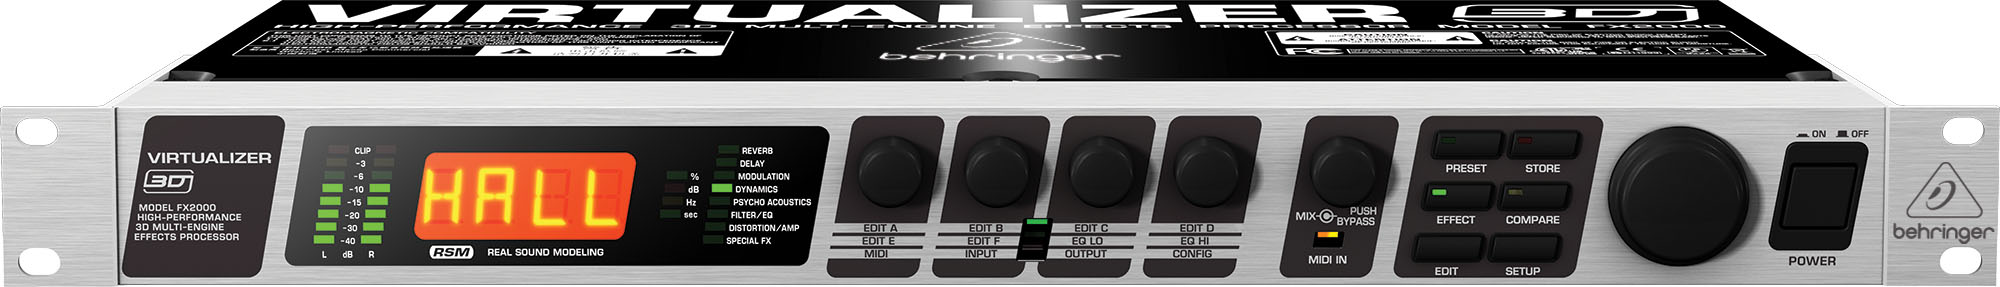 Приборы обработки звука Behringer